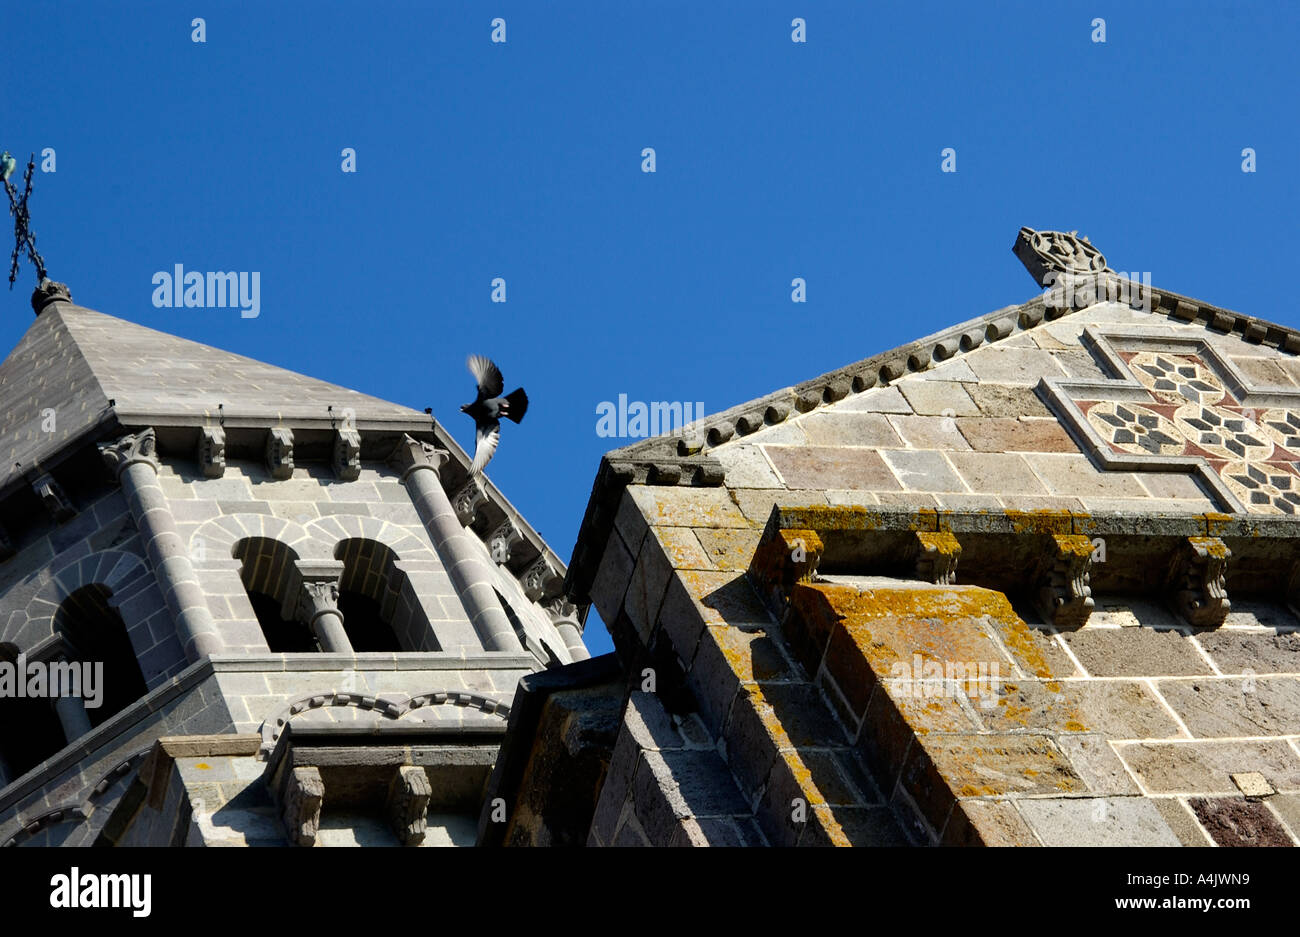 Notre-Dame-du-Mont-Cornadore de Saint-Nectaire, l'église romane de Saint Nectaire, Saint Nectaire, Puy de Dome, Auvergne, France Banque D'Images